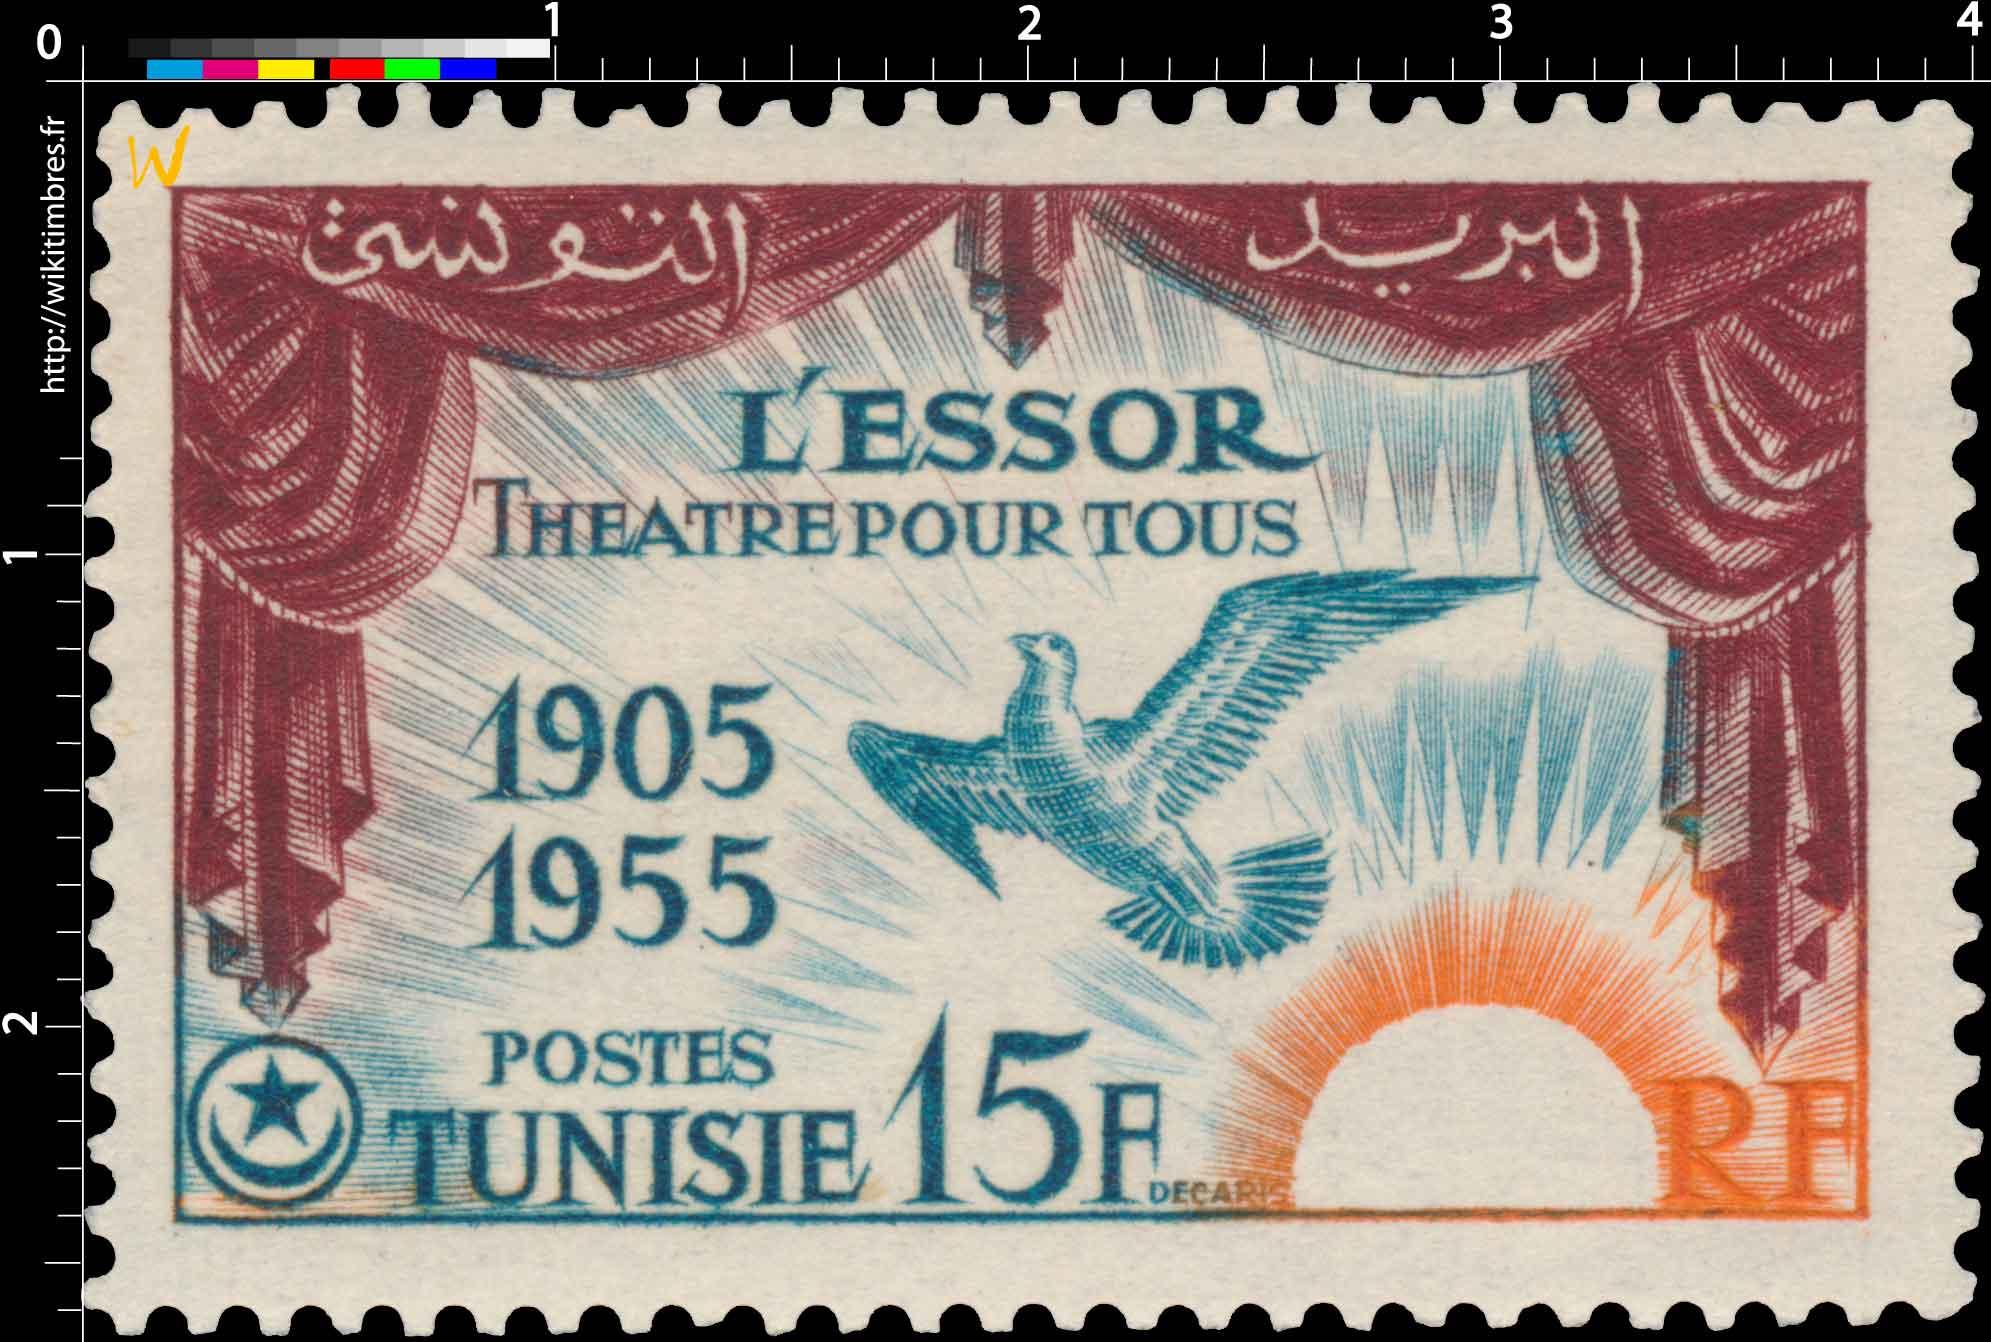 Tunisie - Centenaire de l'Essor - le théâtre pour tous